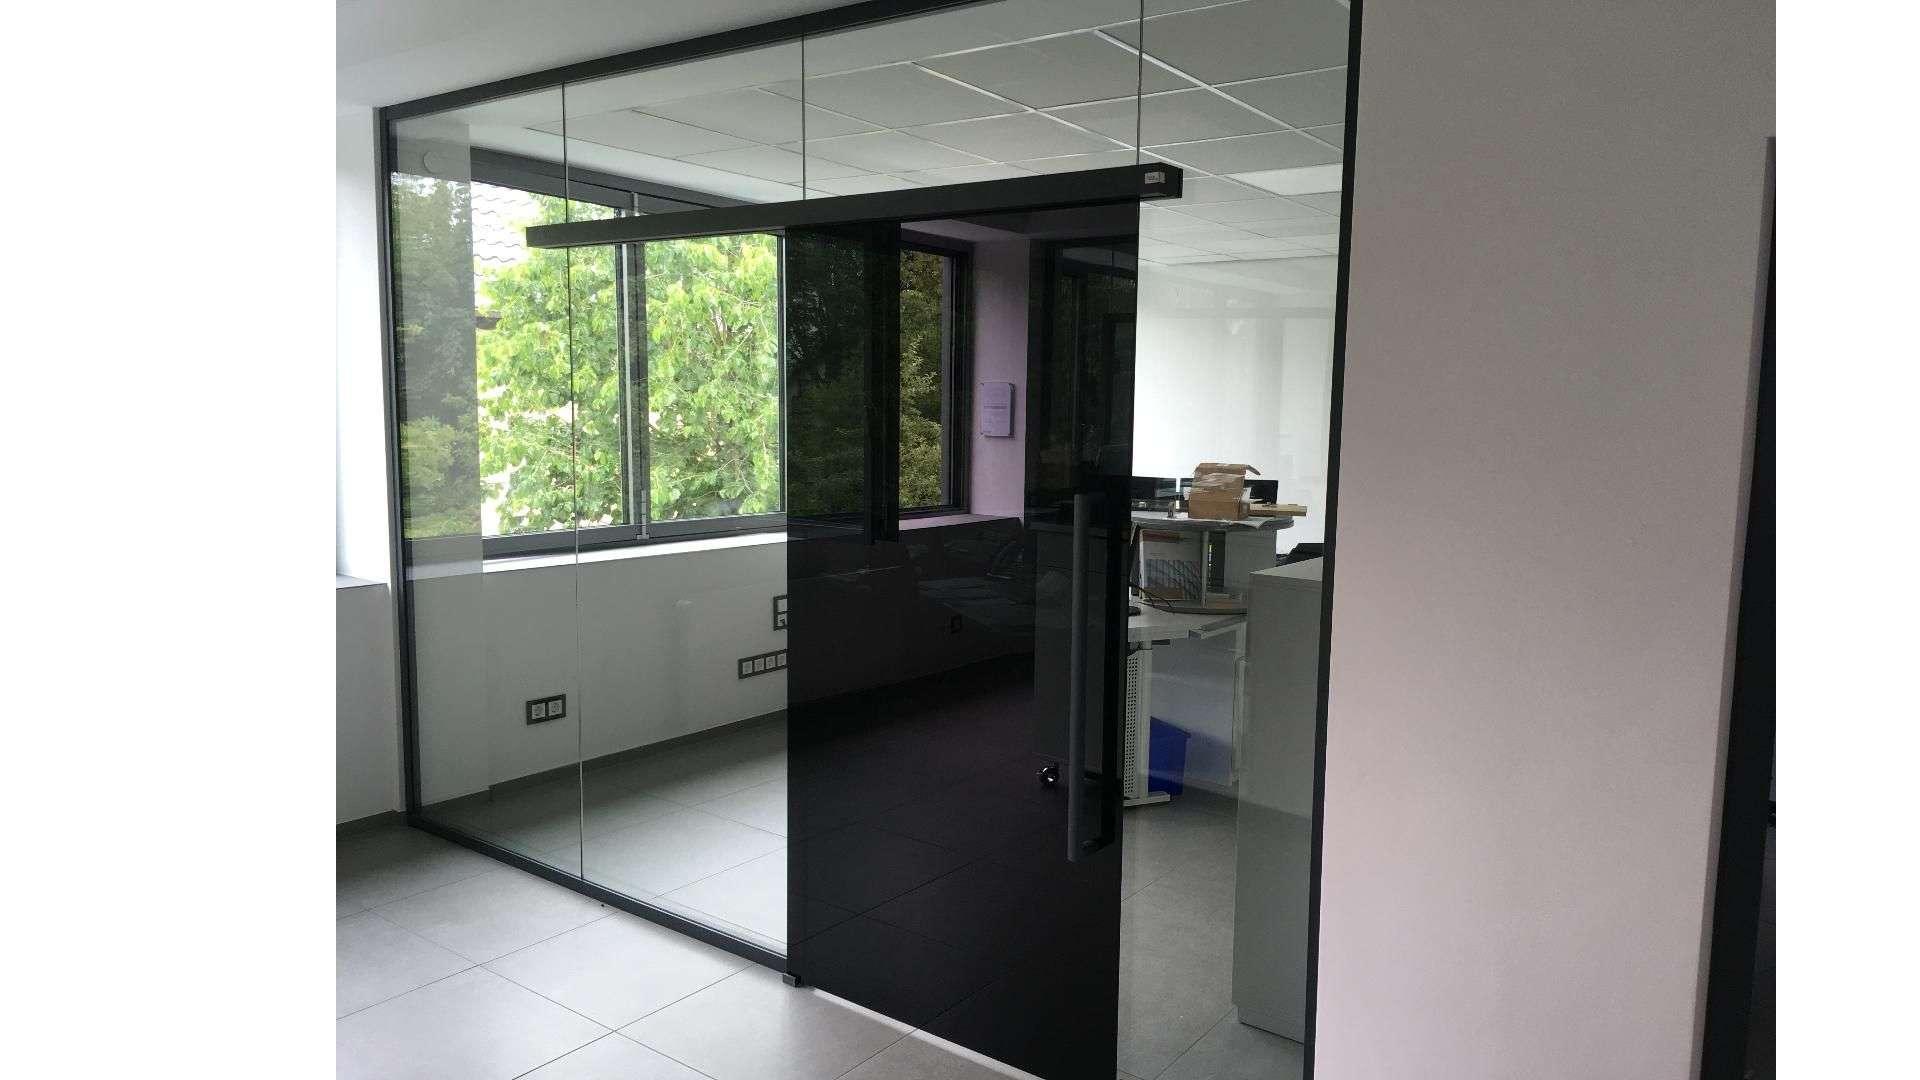 Ganz-Glasanlage in der Ausstellung von Menke-Glas in Bielefeld